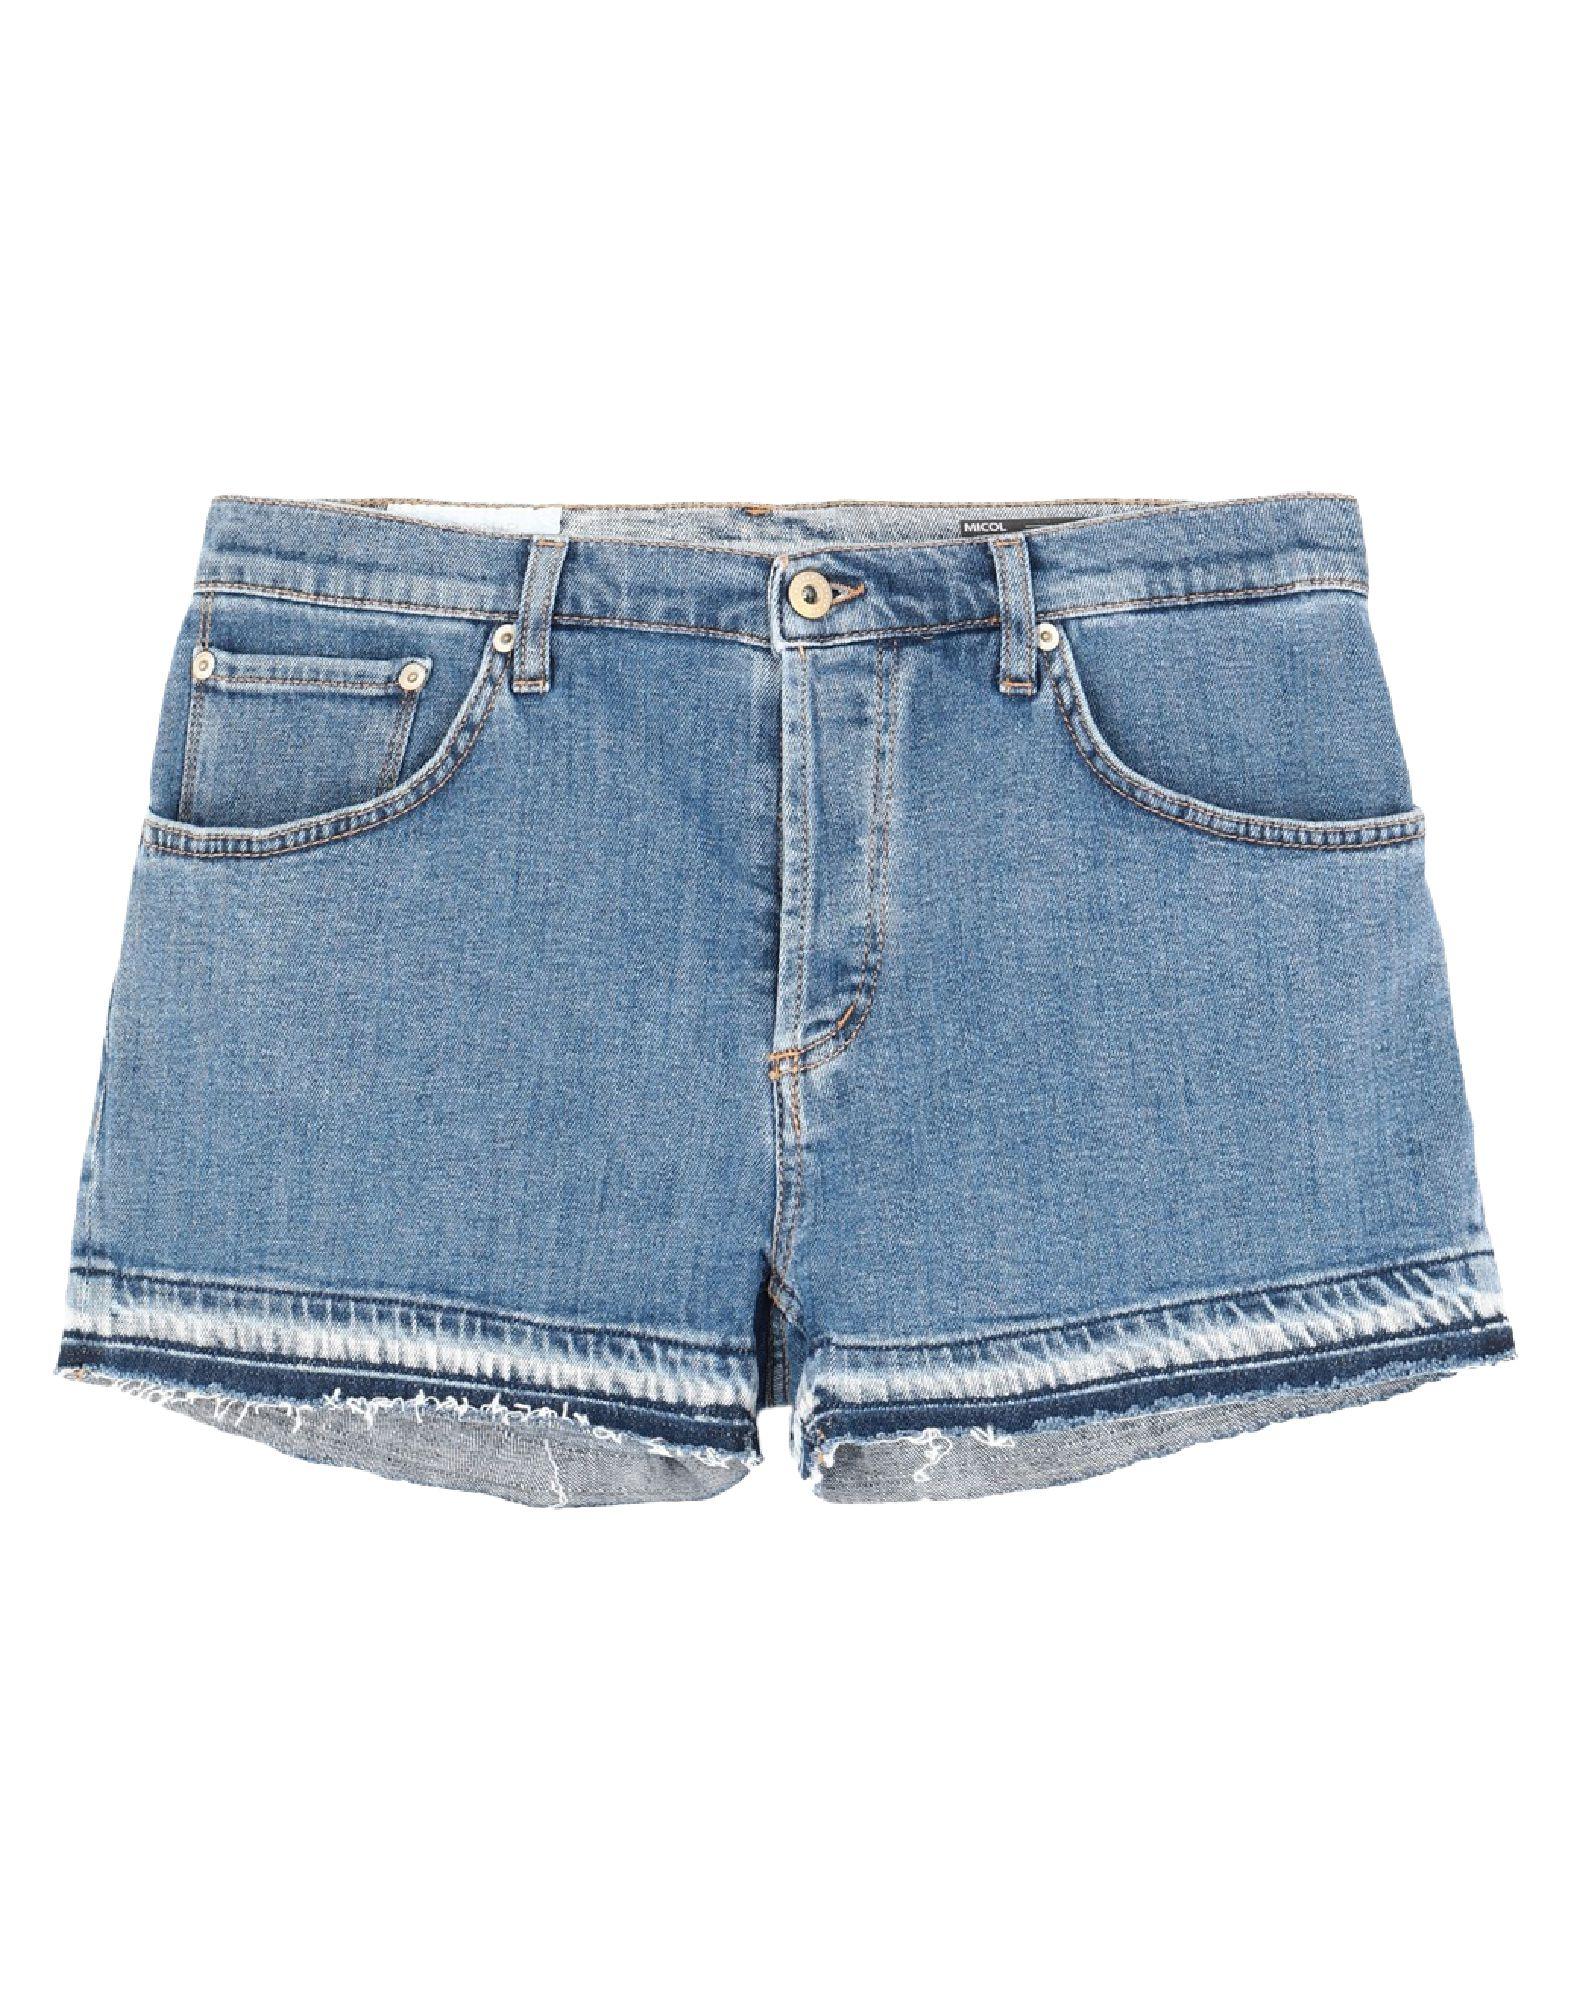 DONDUP Джинсовые шорты шорты джинсовые dondup dondup do042ewhzzj8